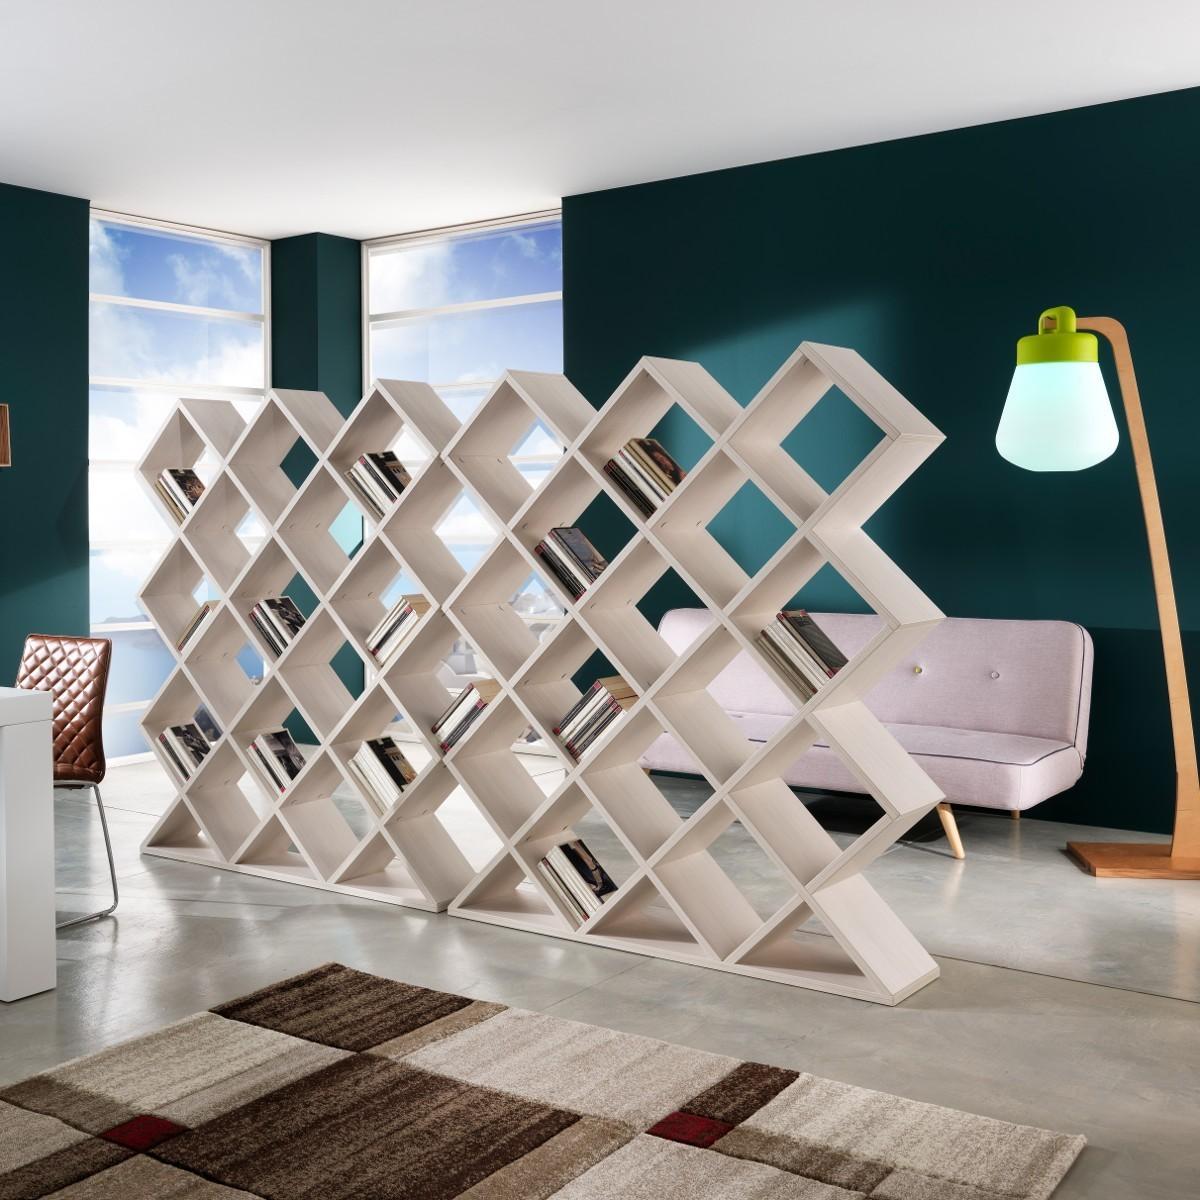 Libreria separa ambienti mynest in legno bianco 140 x 160 cm for Scaffali a parete